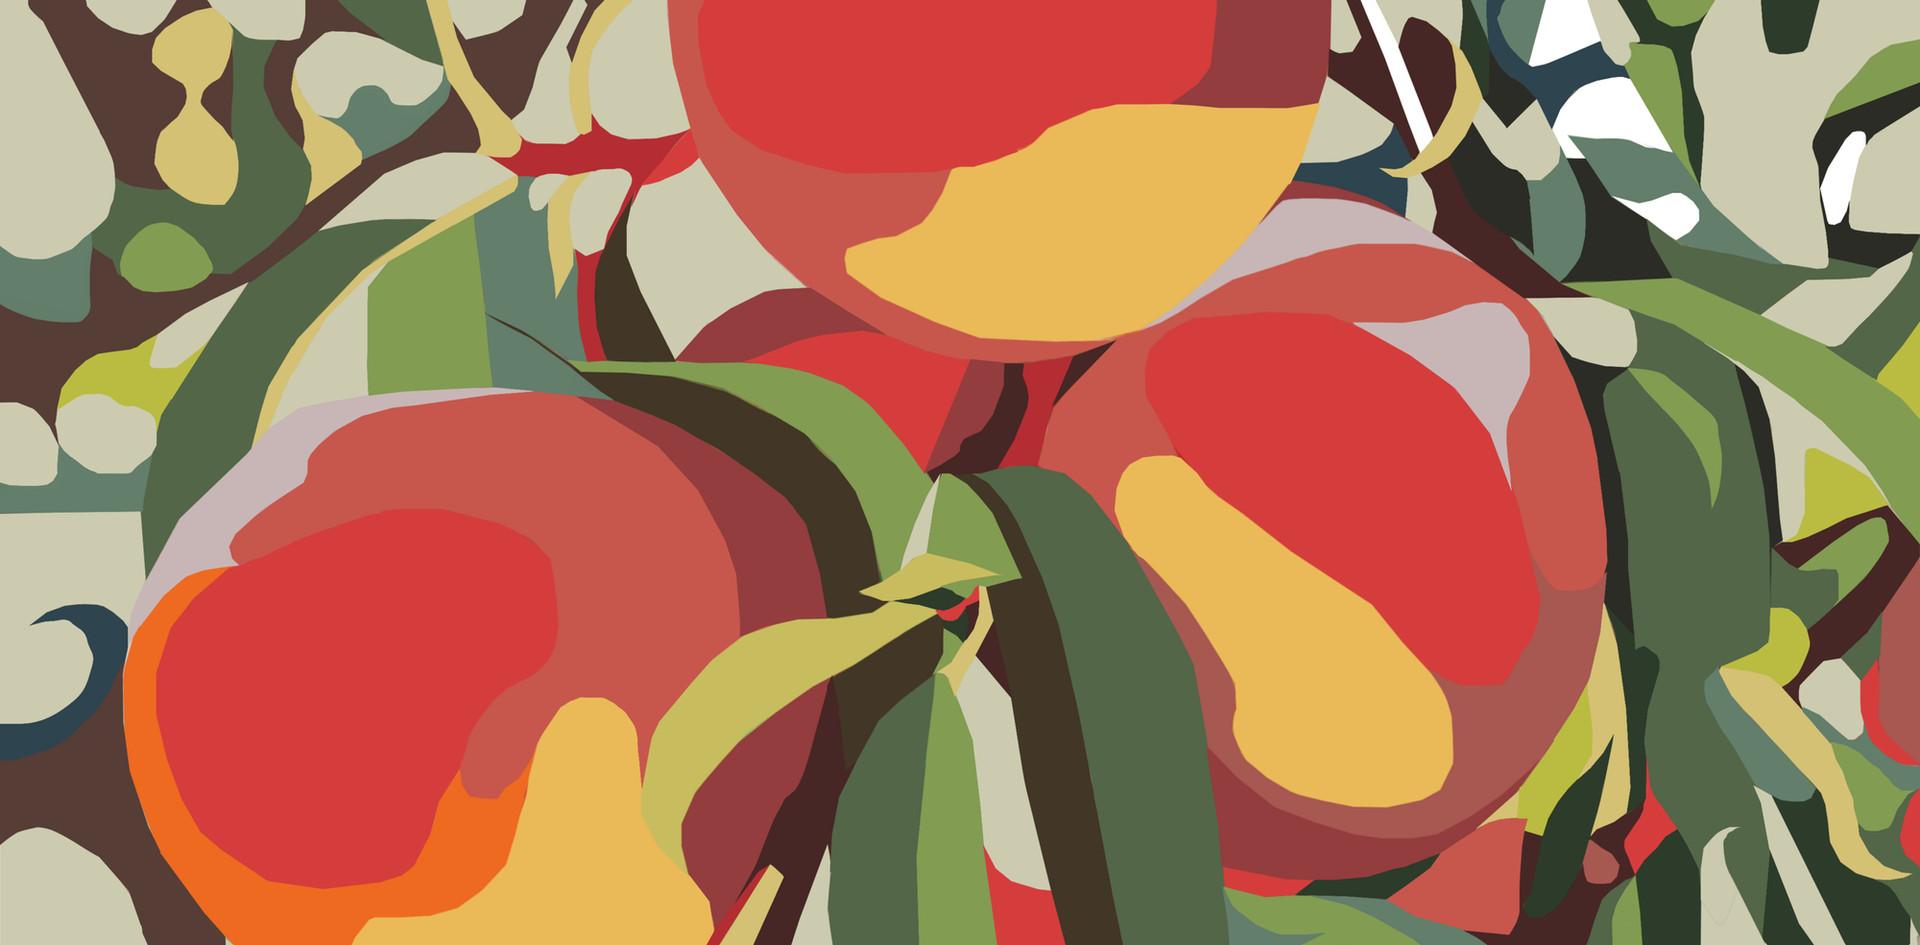 Peach Jungle Digital Art.jpg